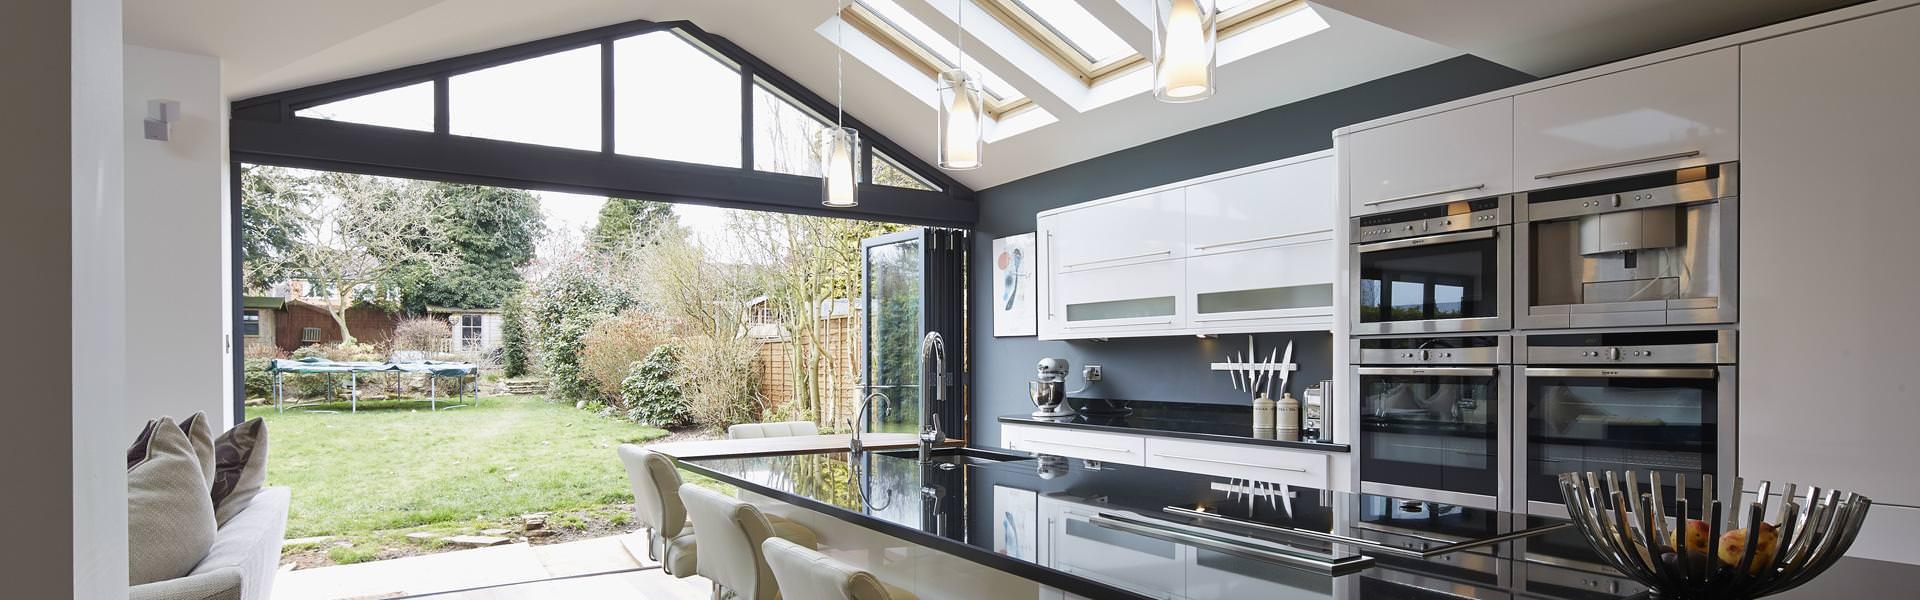 Aluminium Bi-Fold Doors Harrogate